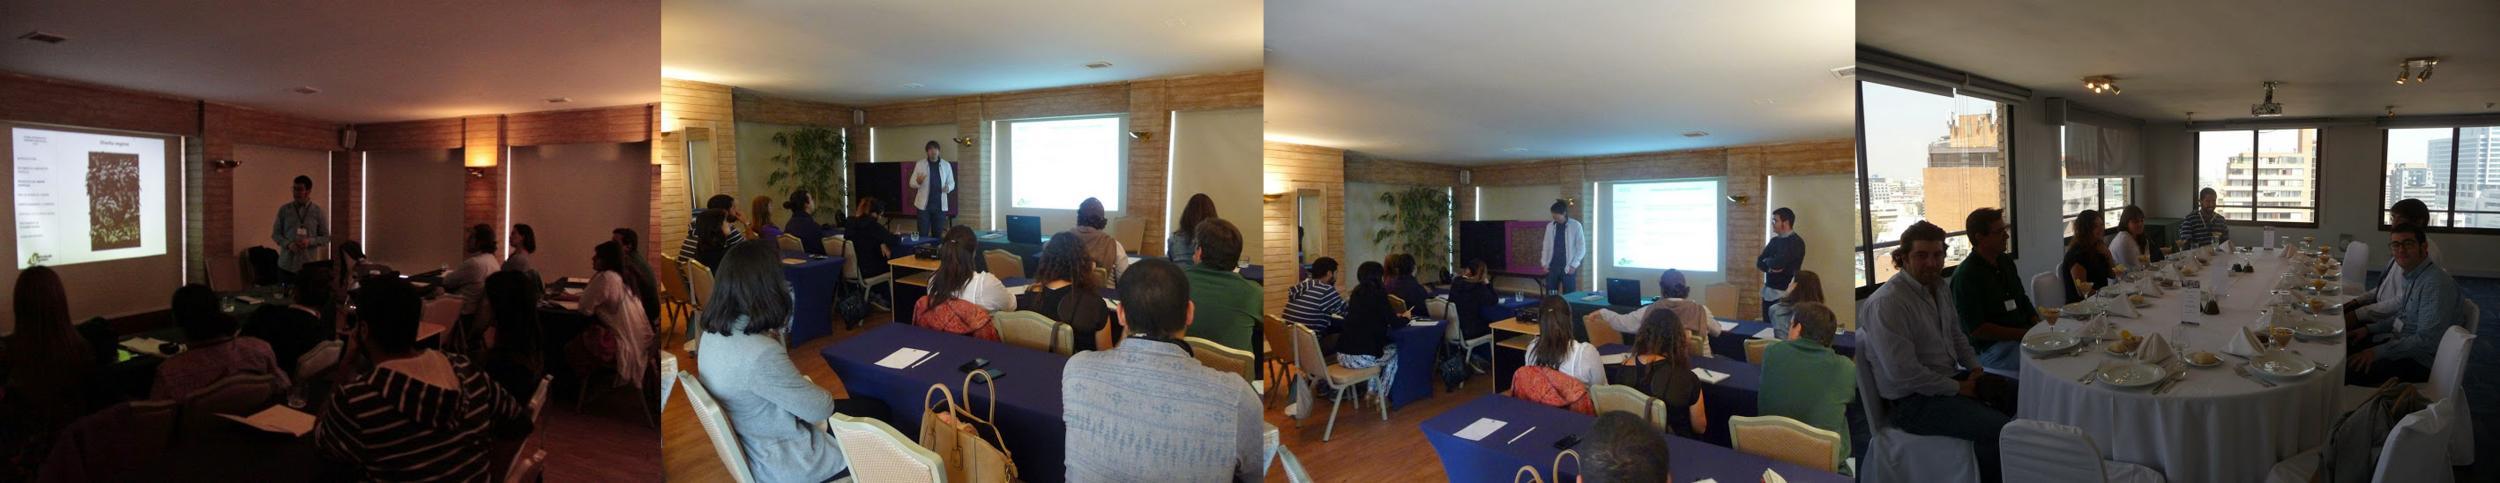 Próximo curso de jardines verticales en Chile, encantados de volver.